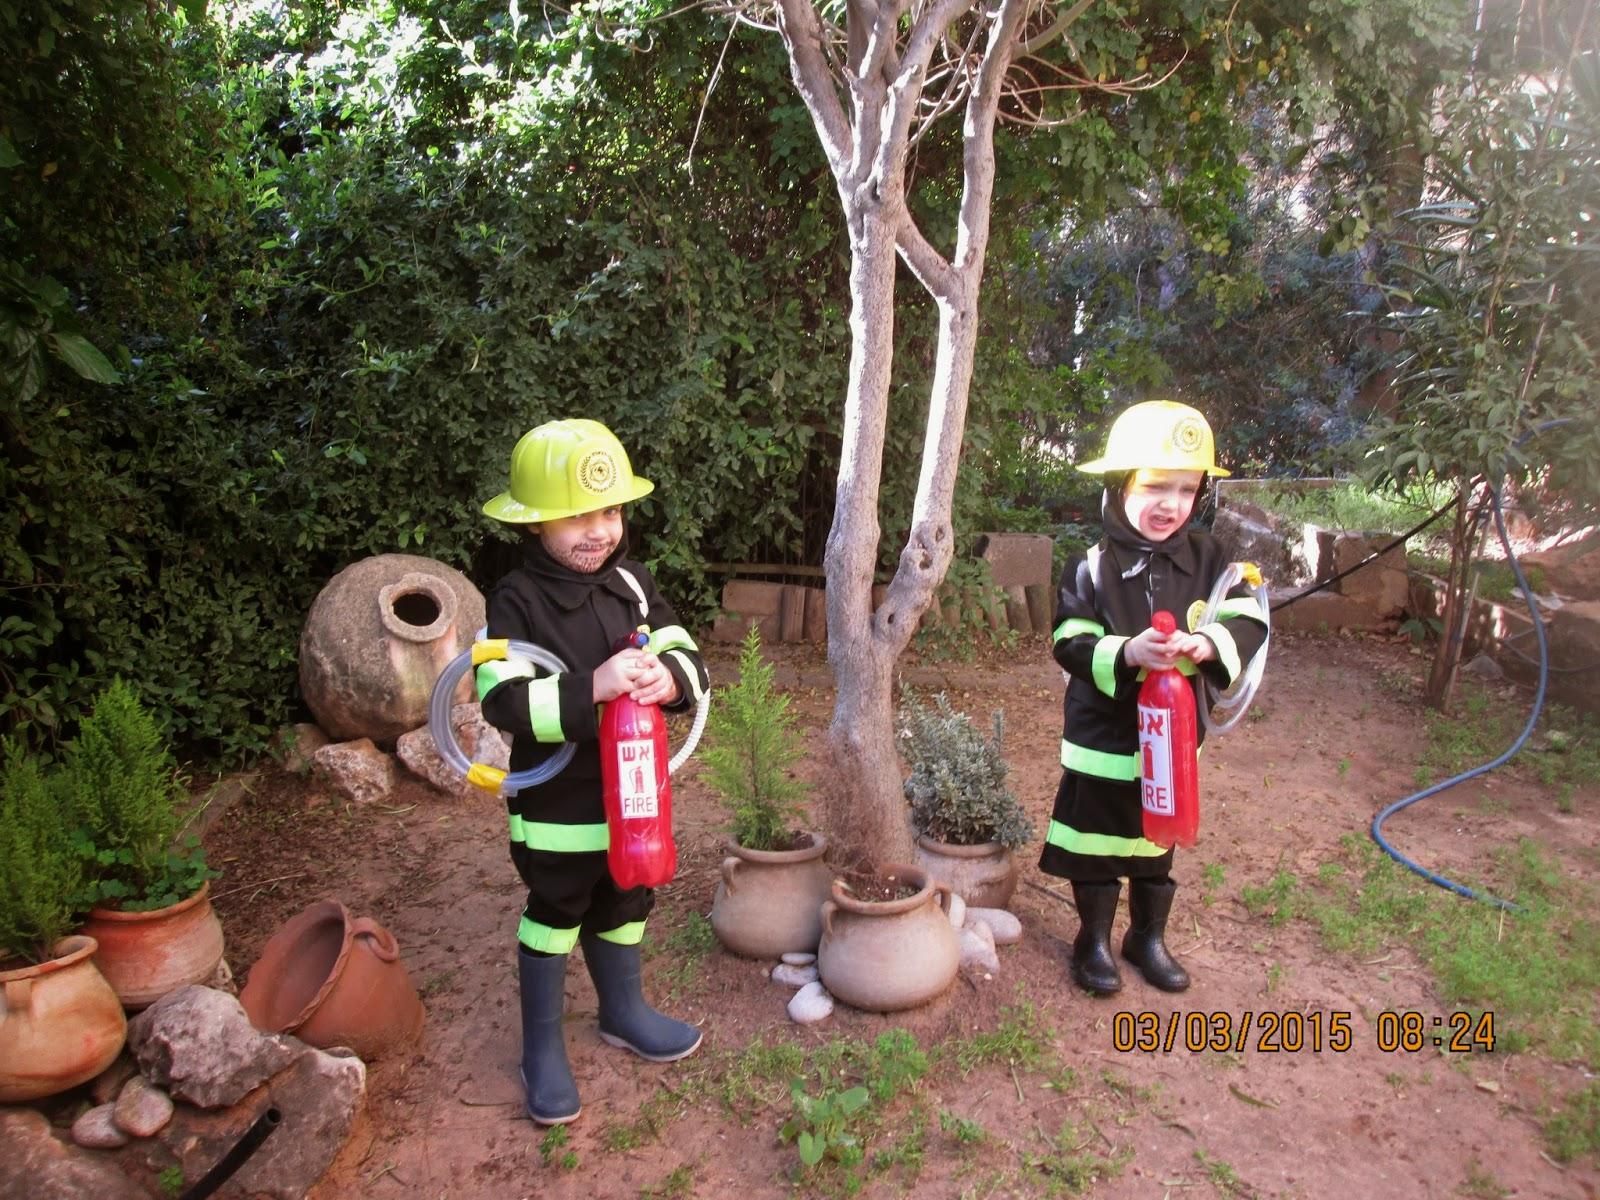 IMG 0032 - פורים במוטיב כיבוי אש